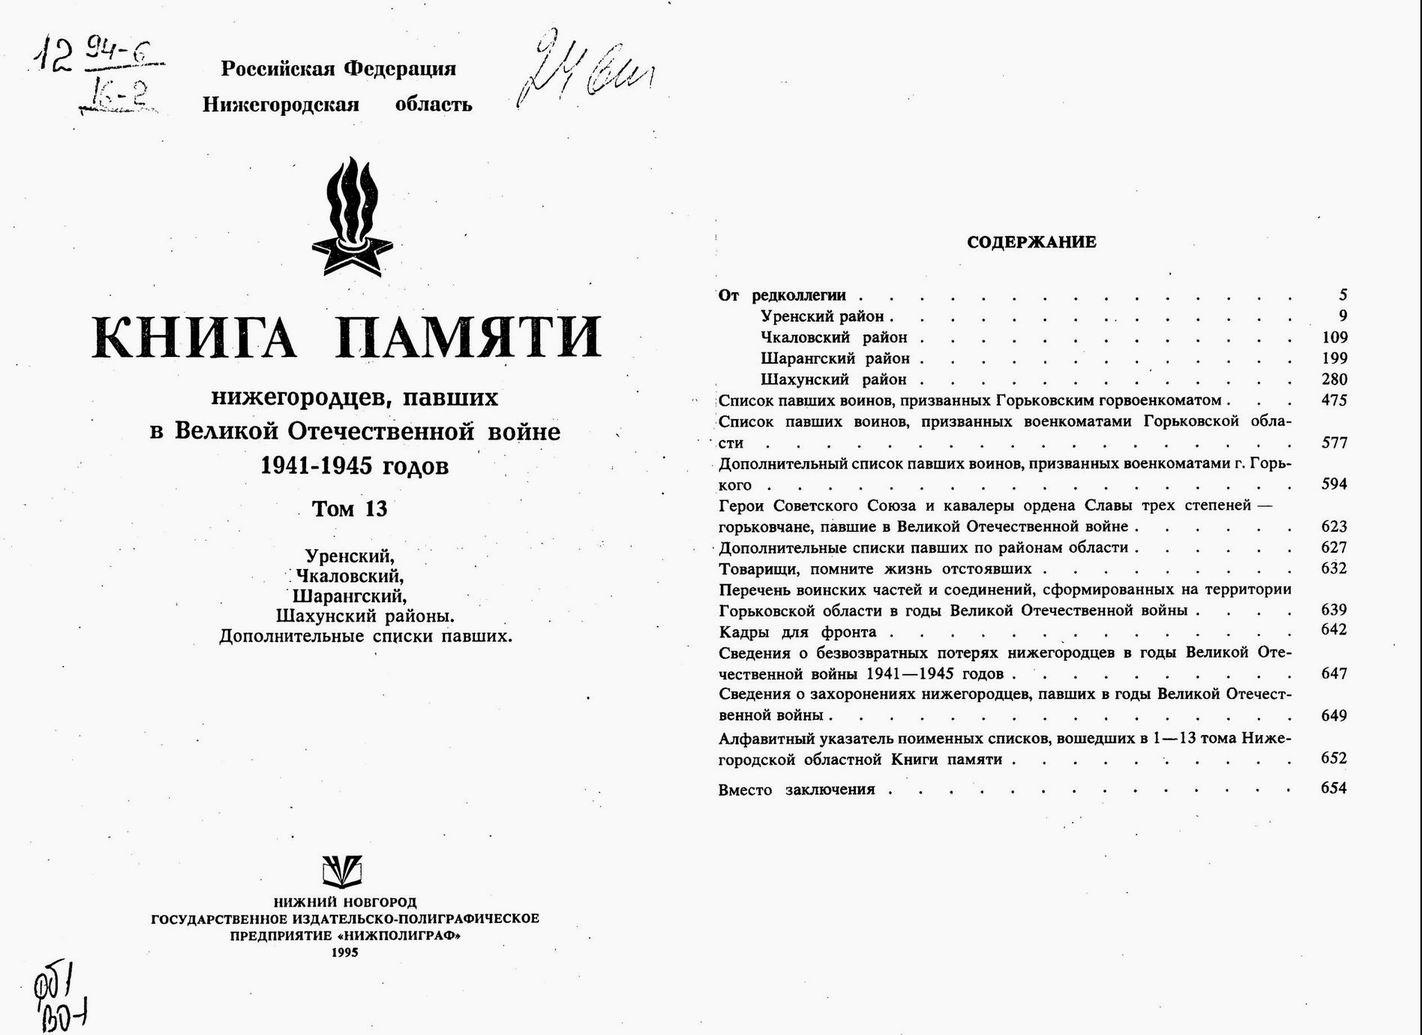 список всех погибших на войне 1941-1945 горьковской области может содержать